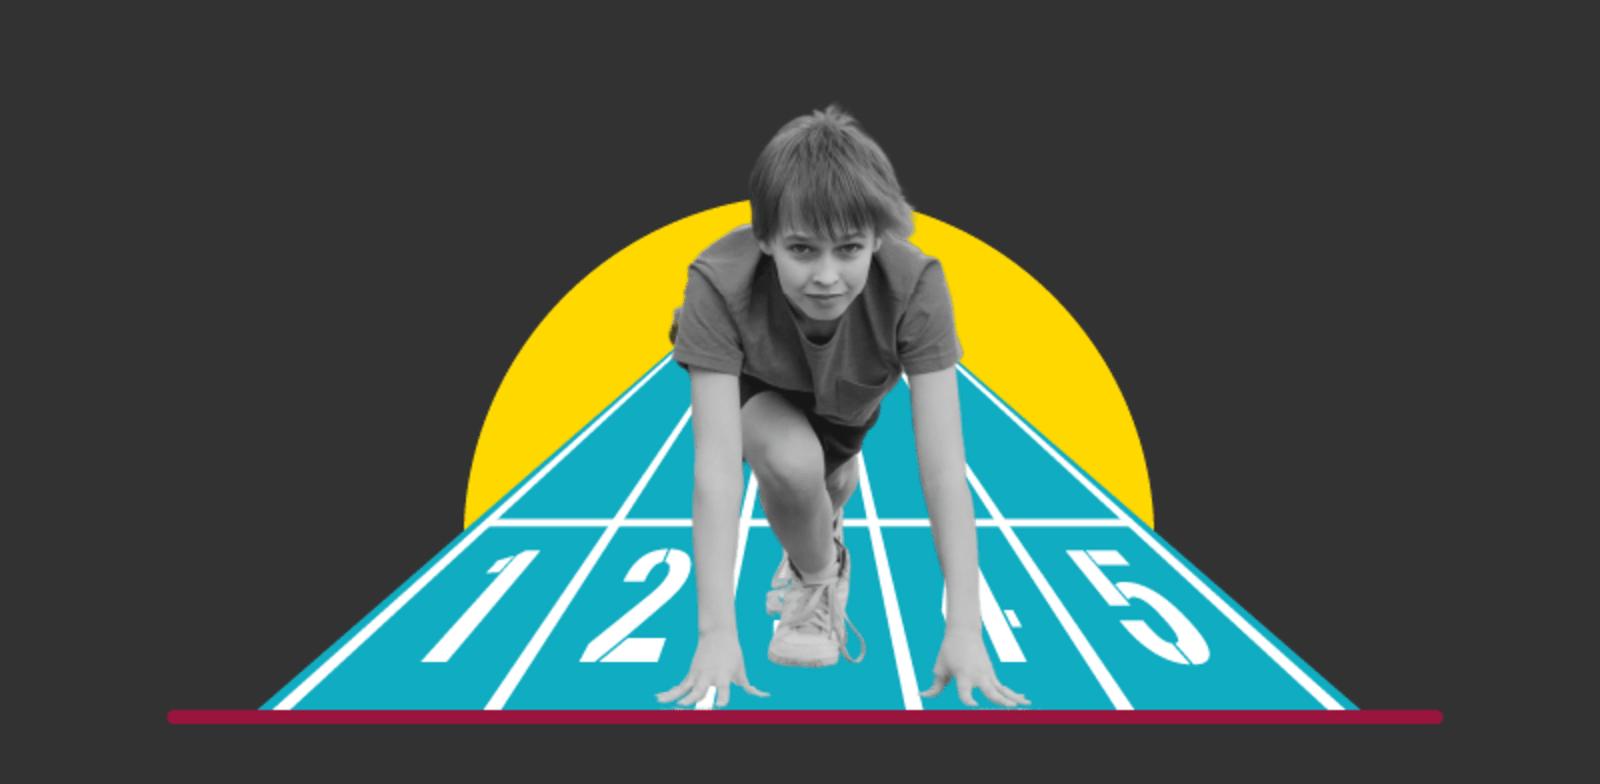 המחקר שמצא את היתרון של הקטנים והצעירים / צילום: Shutterstock